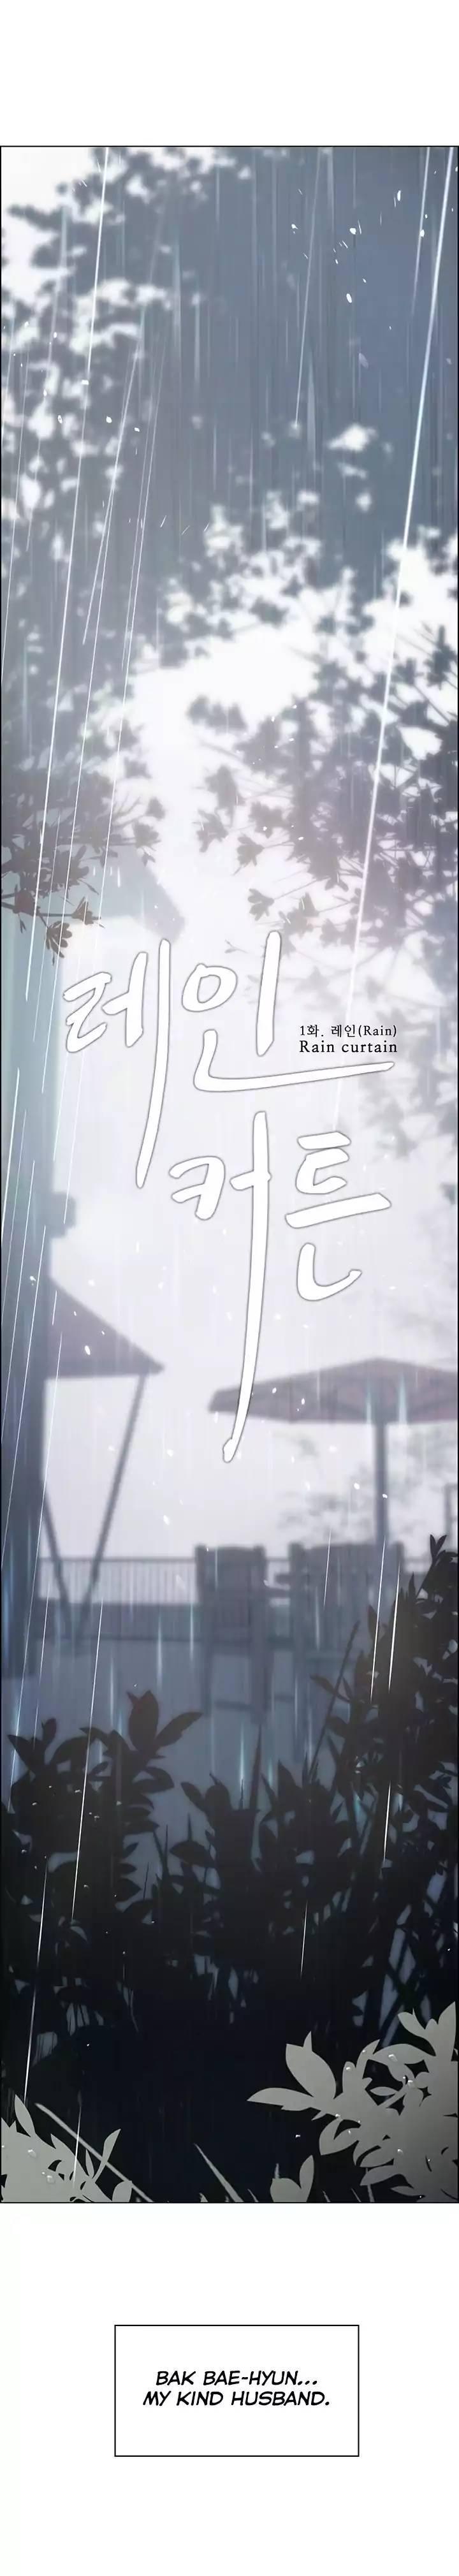 Rain Curtain Ch.30/40 25